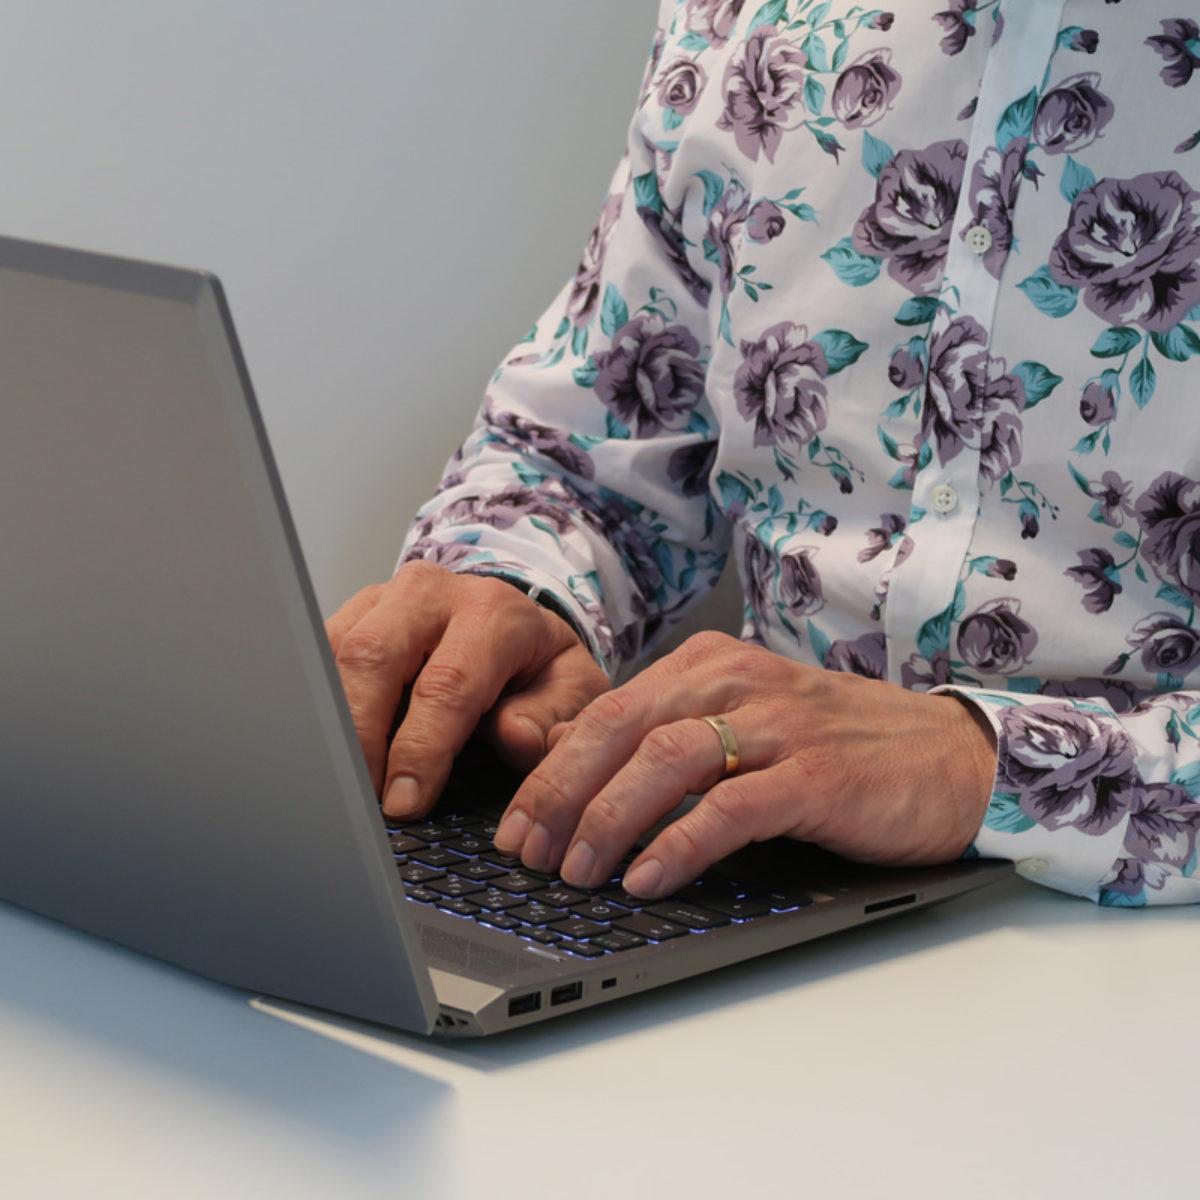 Behandling online